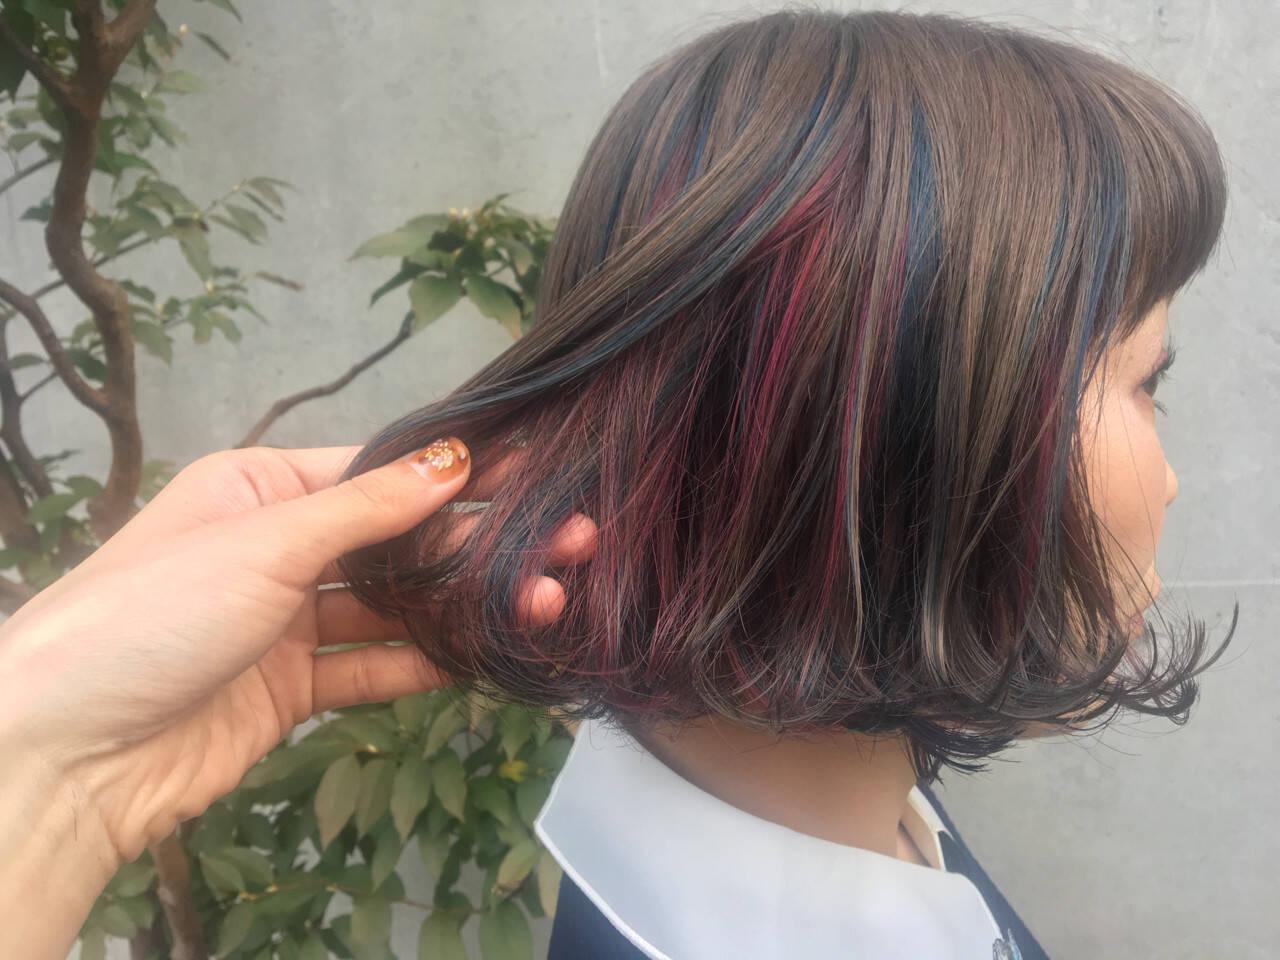 ガーリー ハイライト ボブ ダブルカラーヘアスタイルや髪型の写真・画像